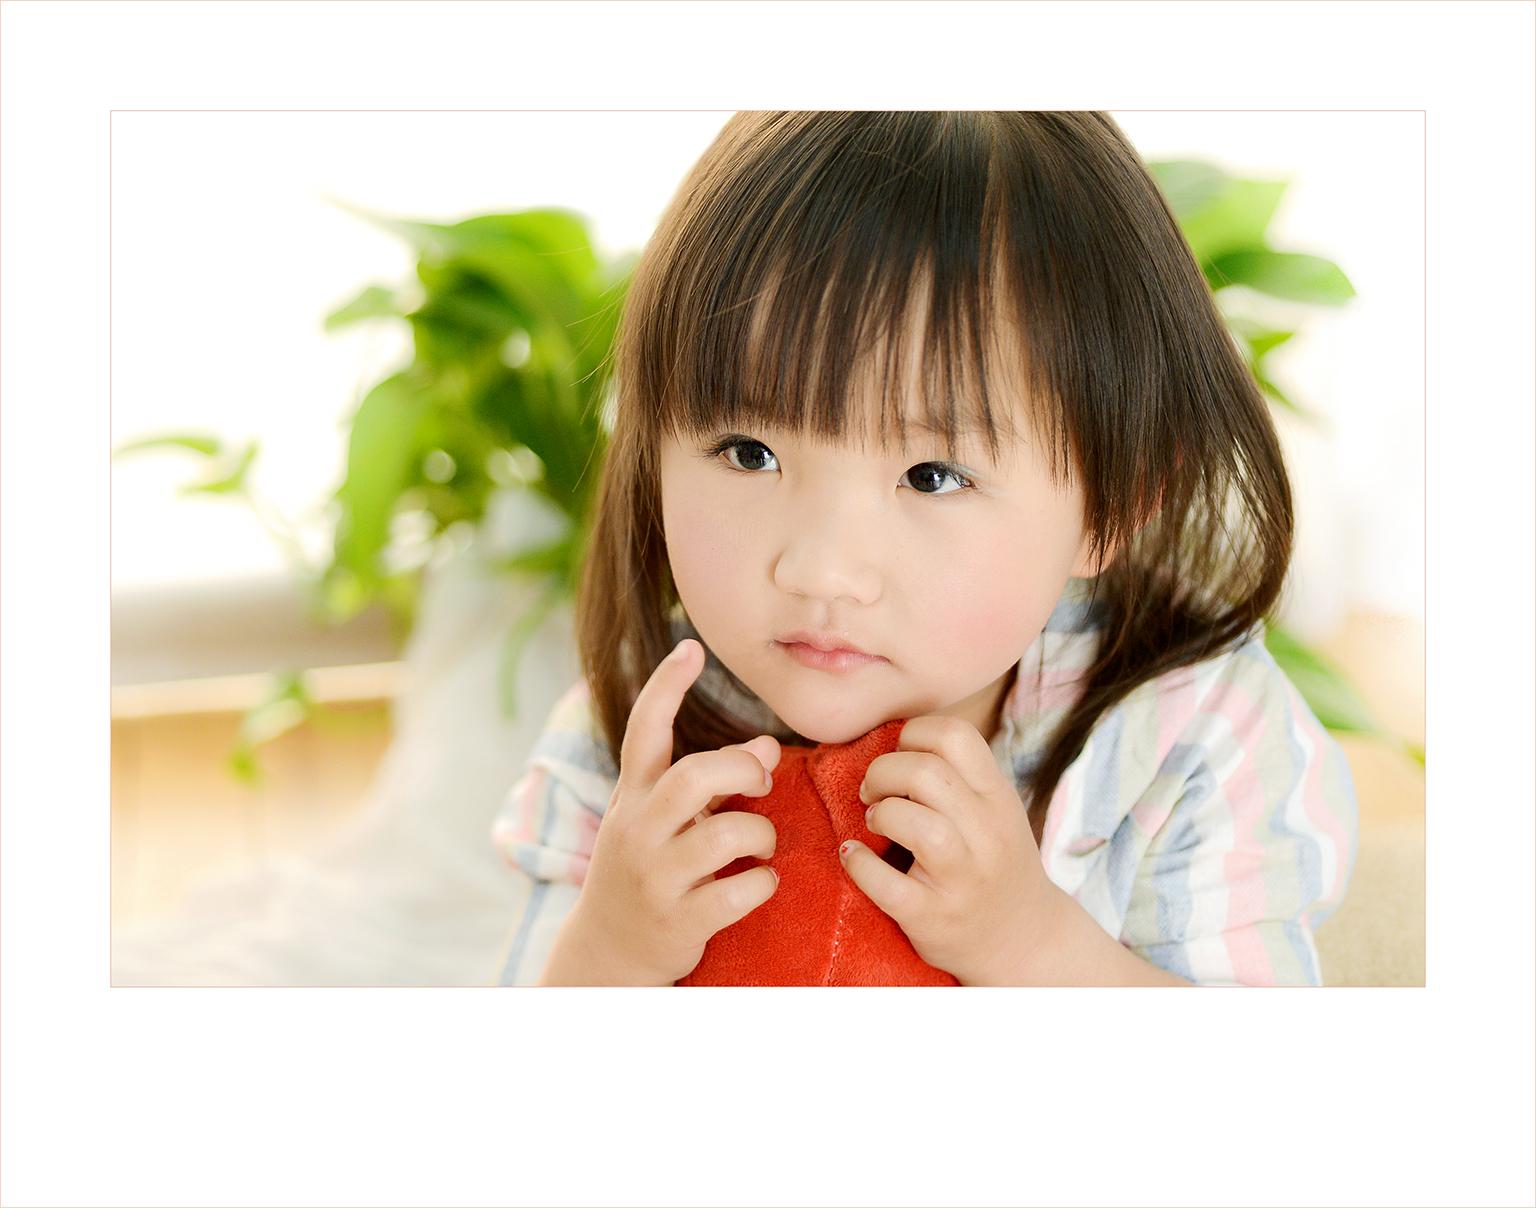 小孩头像个性网小清新-个性网小孩子头像精选/qq头像